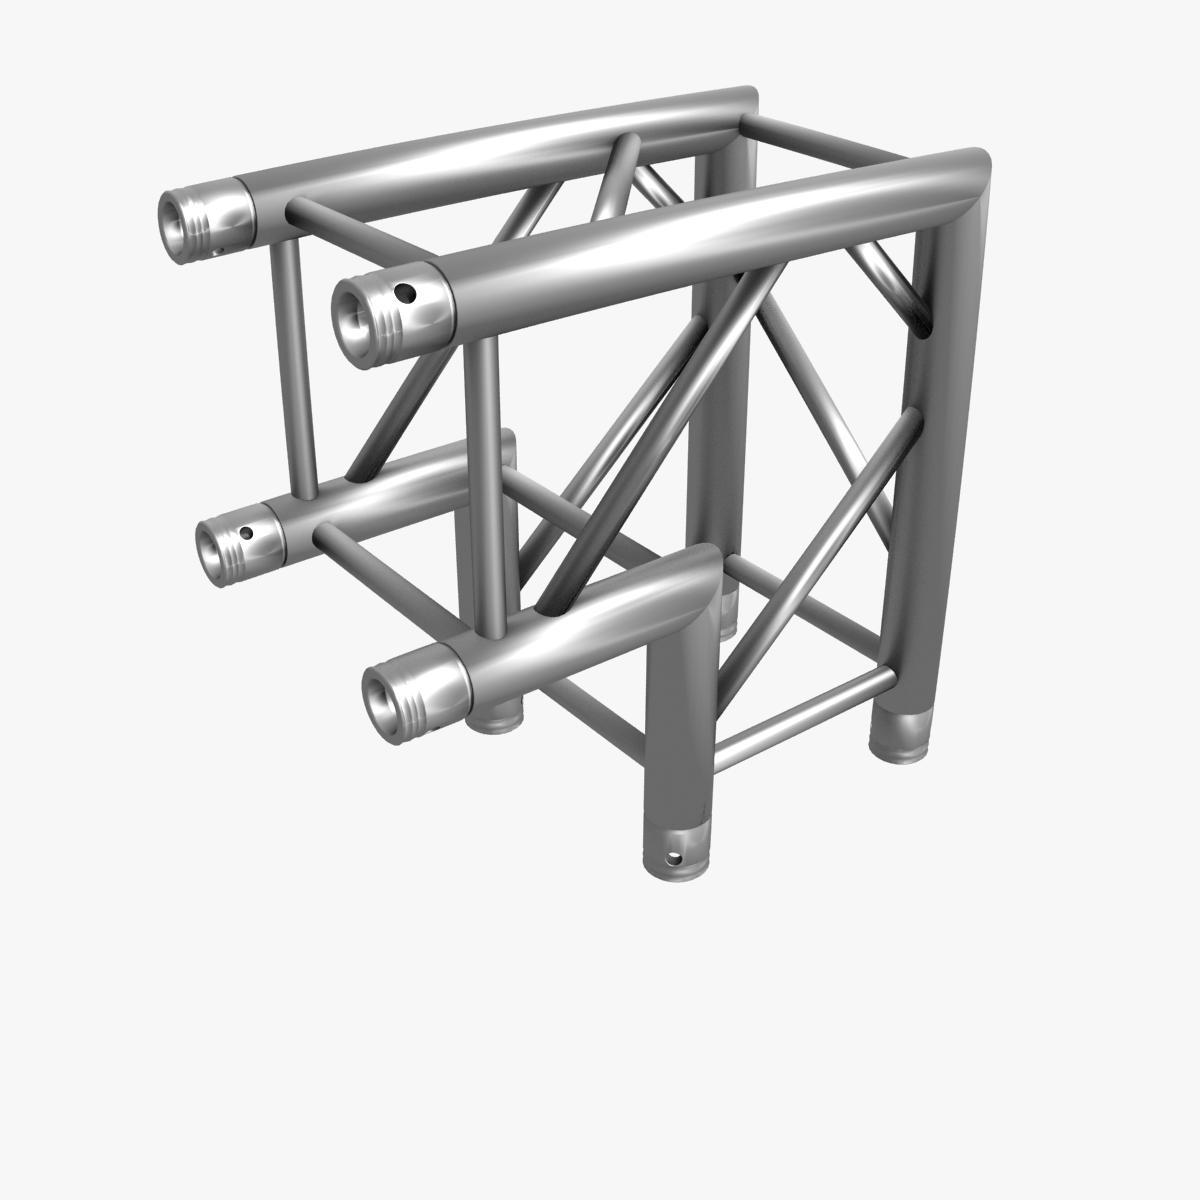 square light trusses (collection 50 modular) 3d model 3ds max dxf fbx c4d dae texture obj 216184